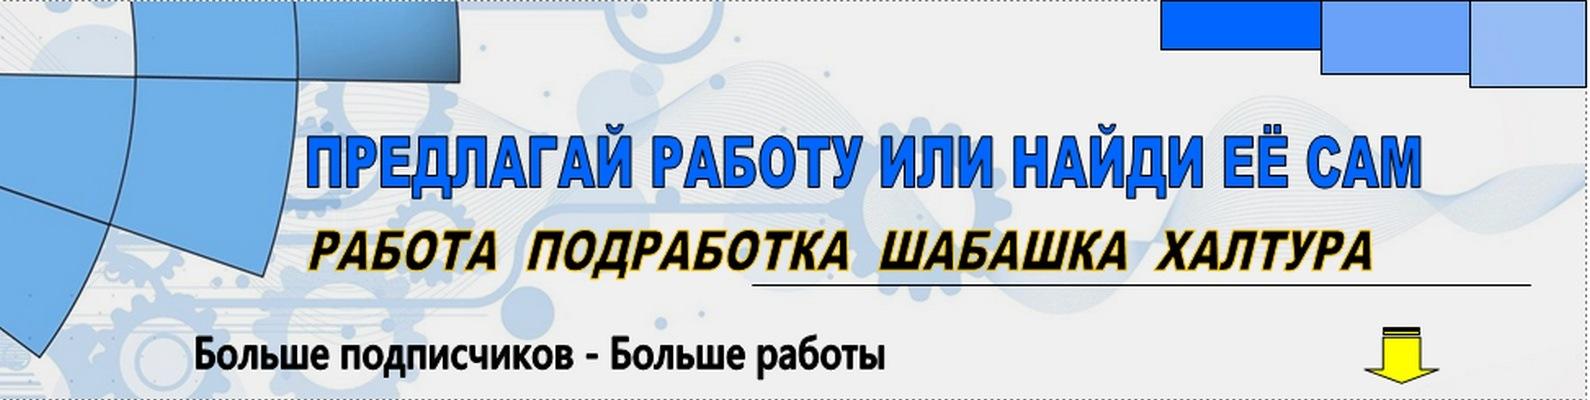 Работа онлайн катав ивановск работа в вебчате дагестанские огни